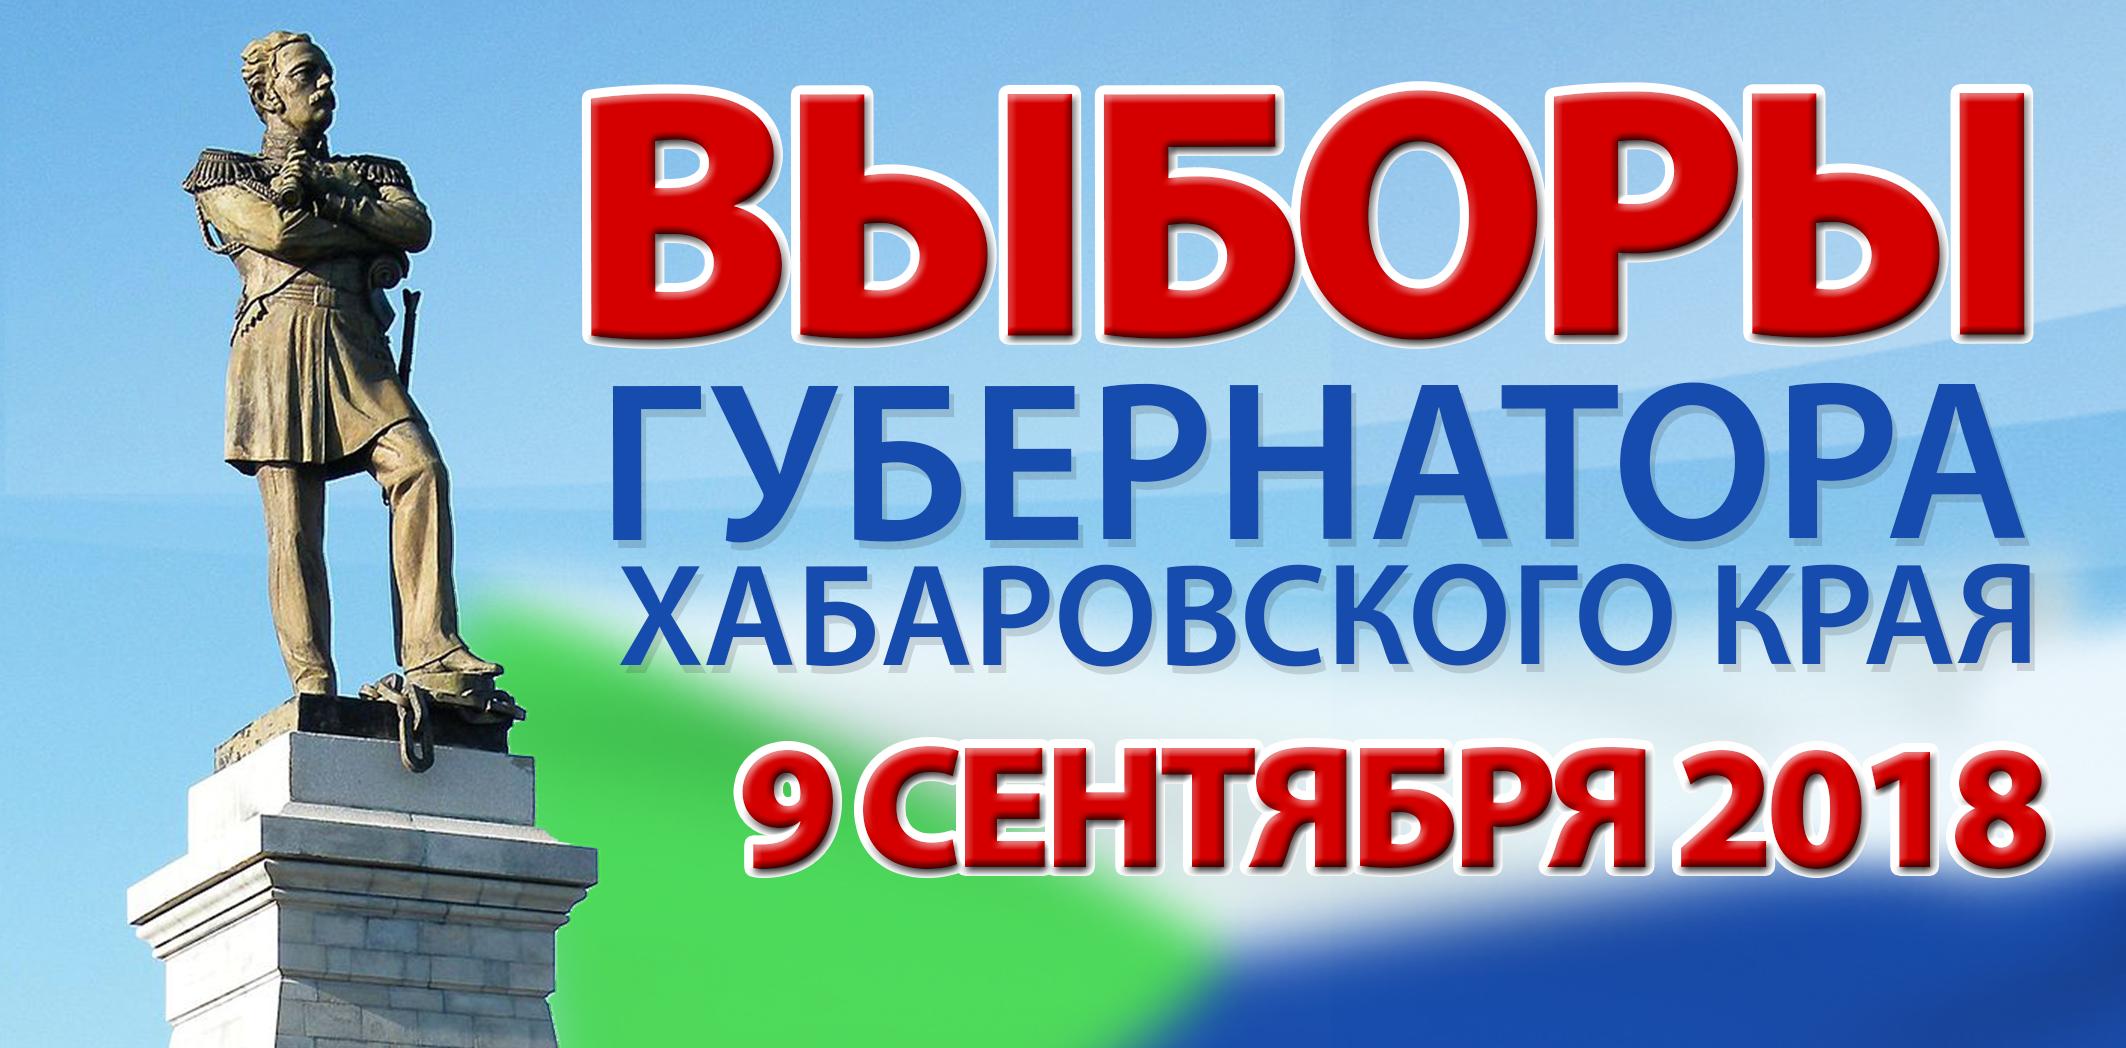 Выборы Губернатора Хабаровского края